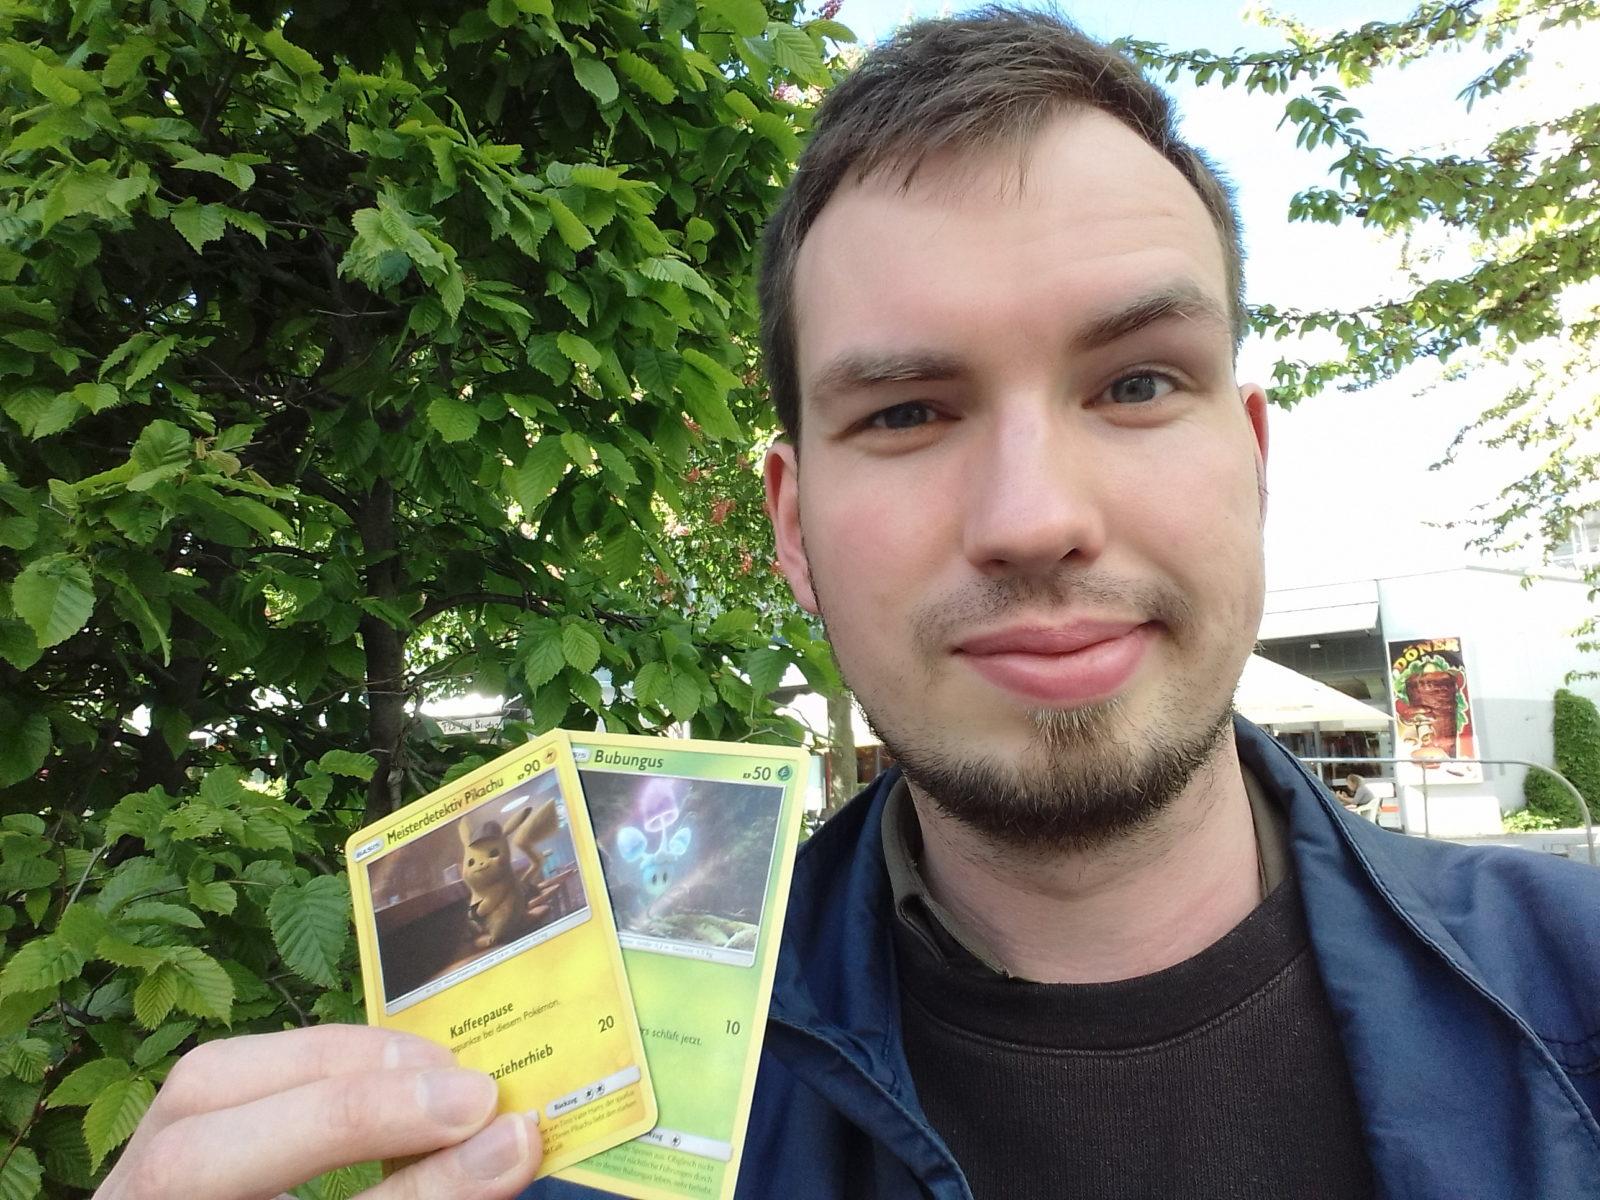 Blog-Autor Jakob mit zwei Pokémon-Sammelkarten, draußen in der Chemnitzer Innenstadt